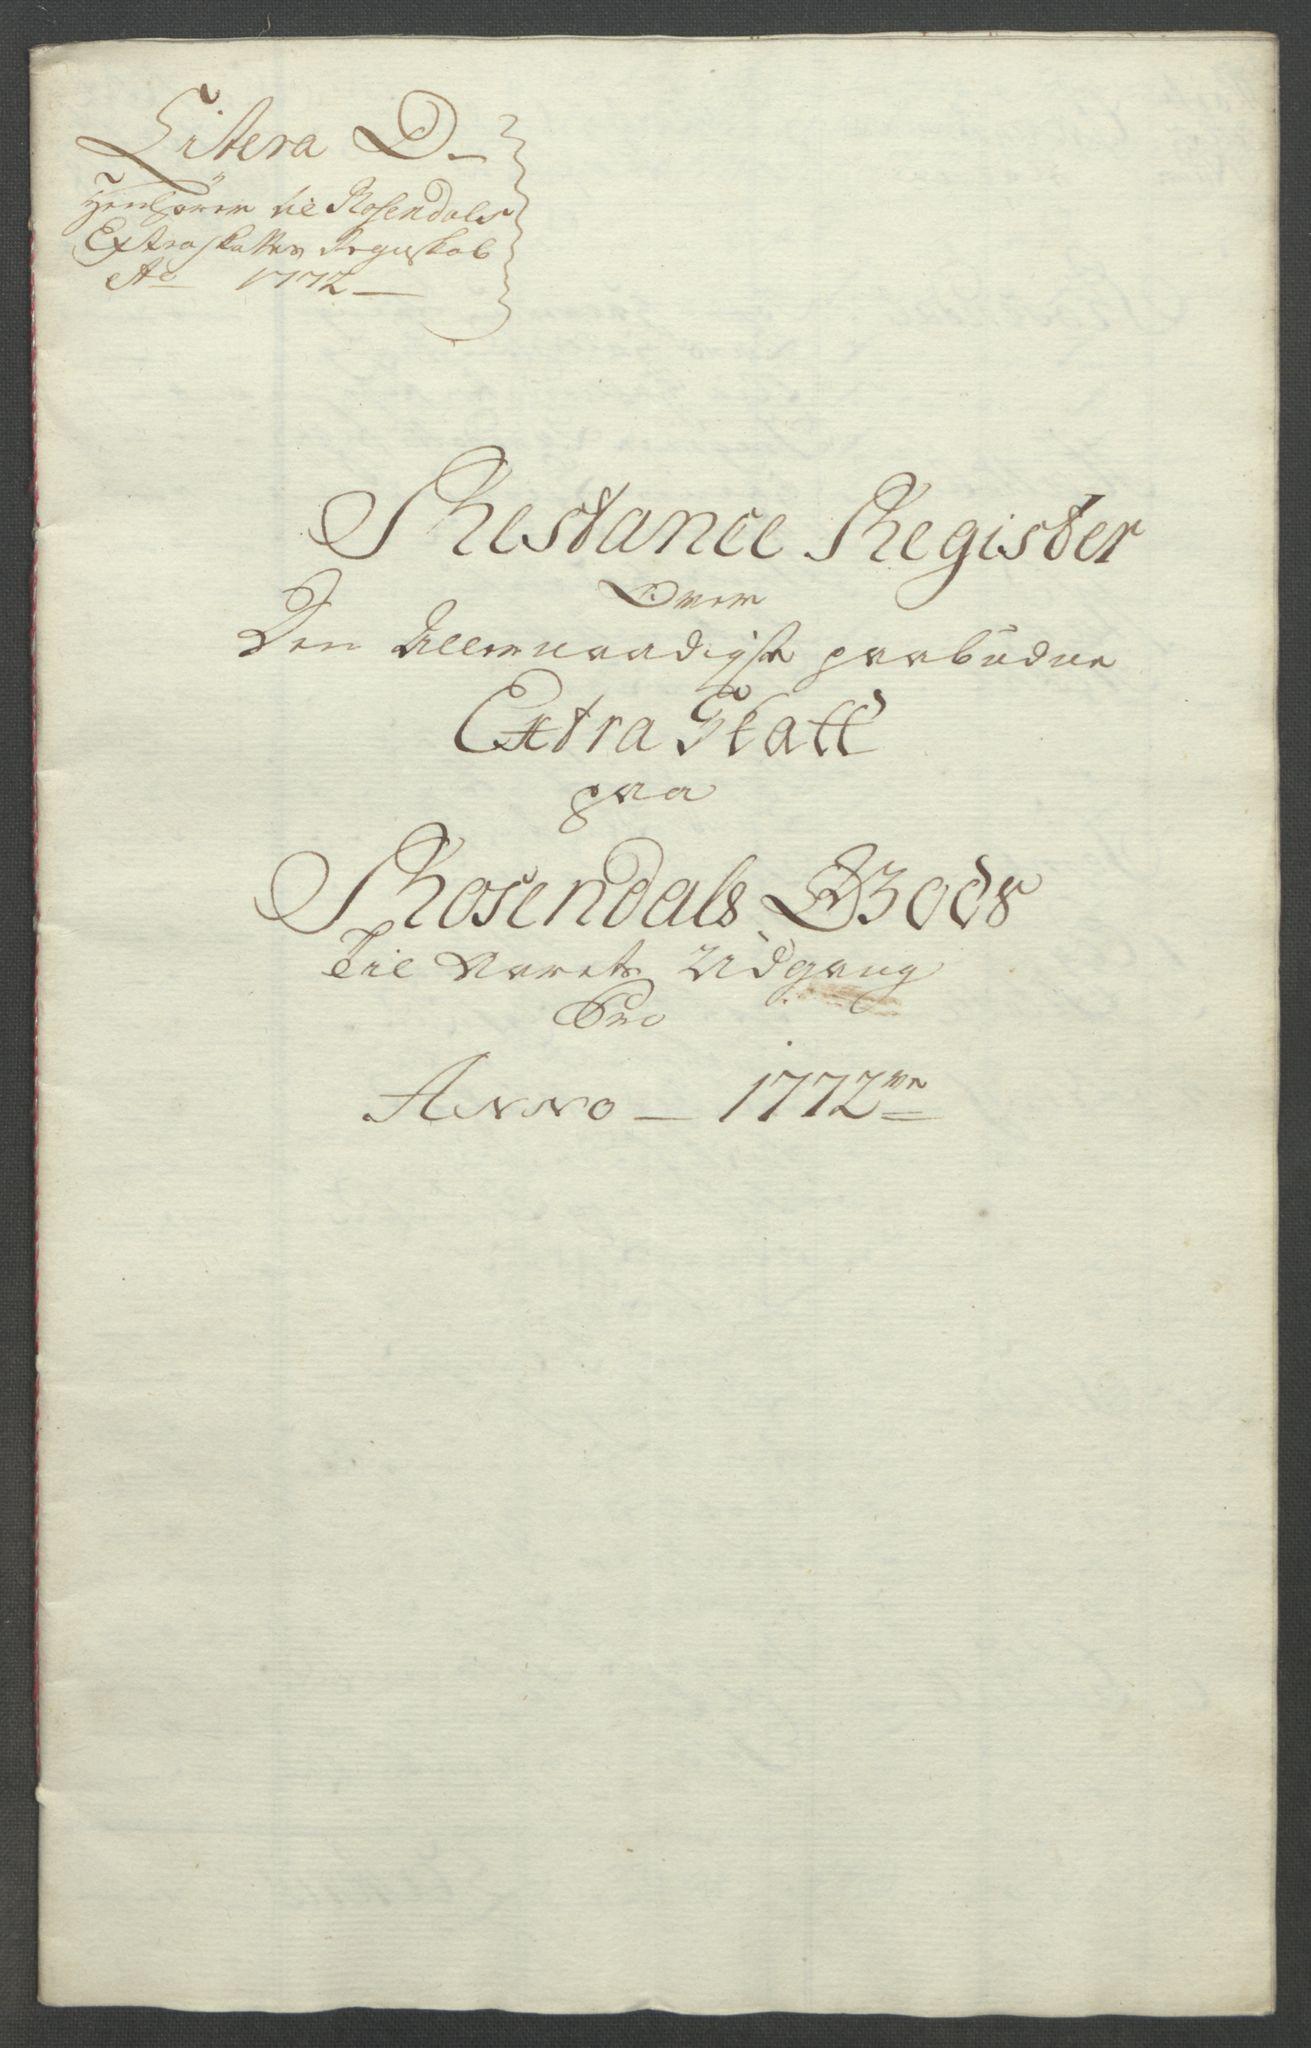 RA, Rentekammeret inntil 1814, Reviderte regnskaper, Fogderegnskap, R49/L3157: Ekstraskatten Rosendal Baroni, 1762-1772, s. 366